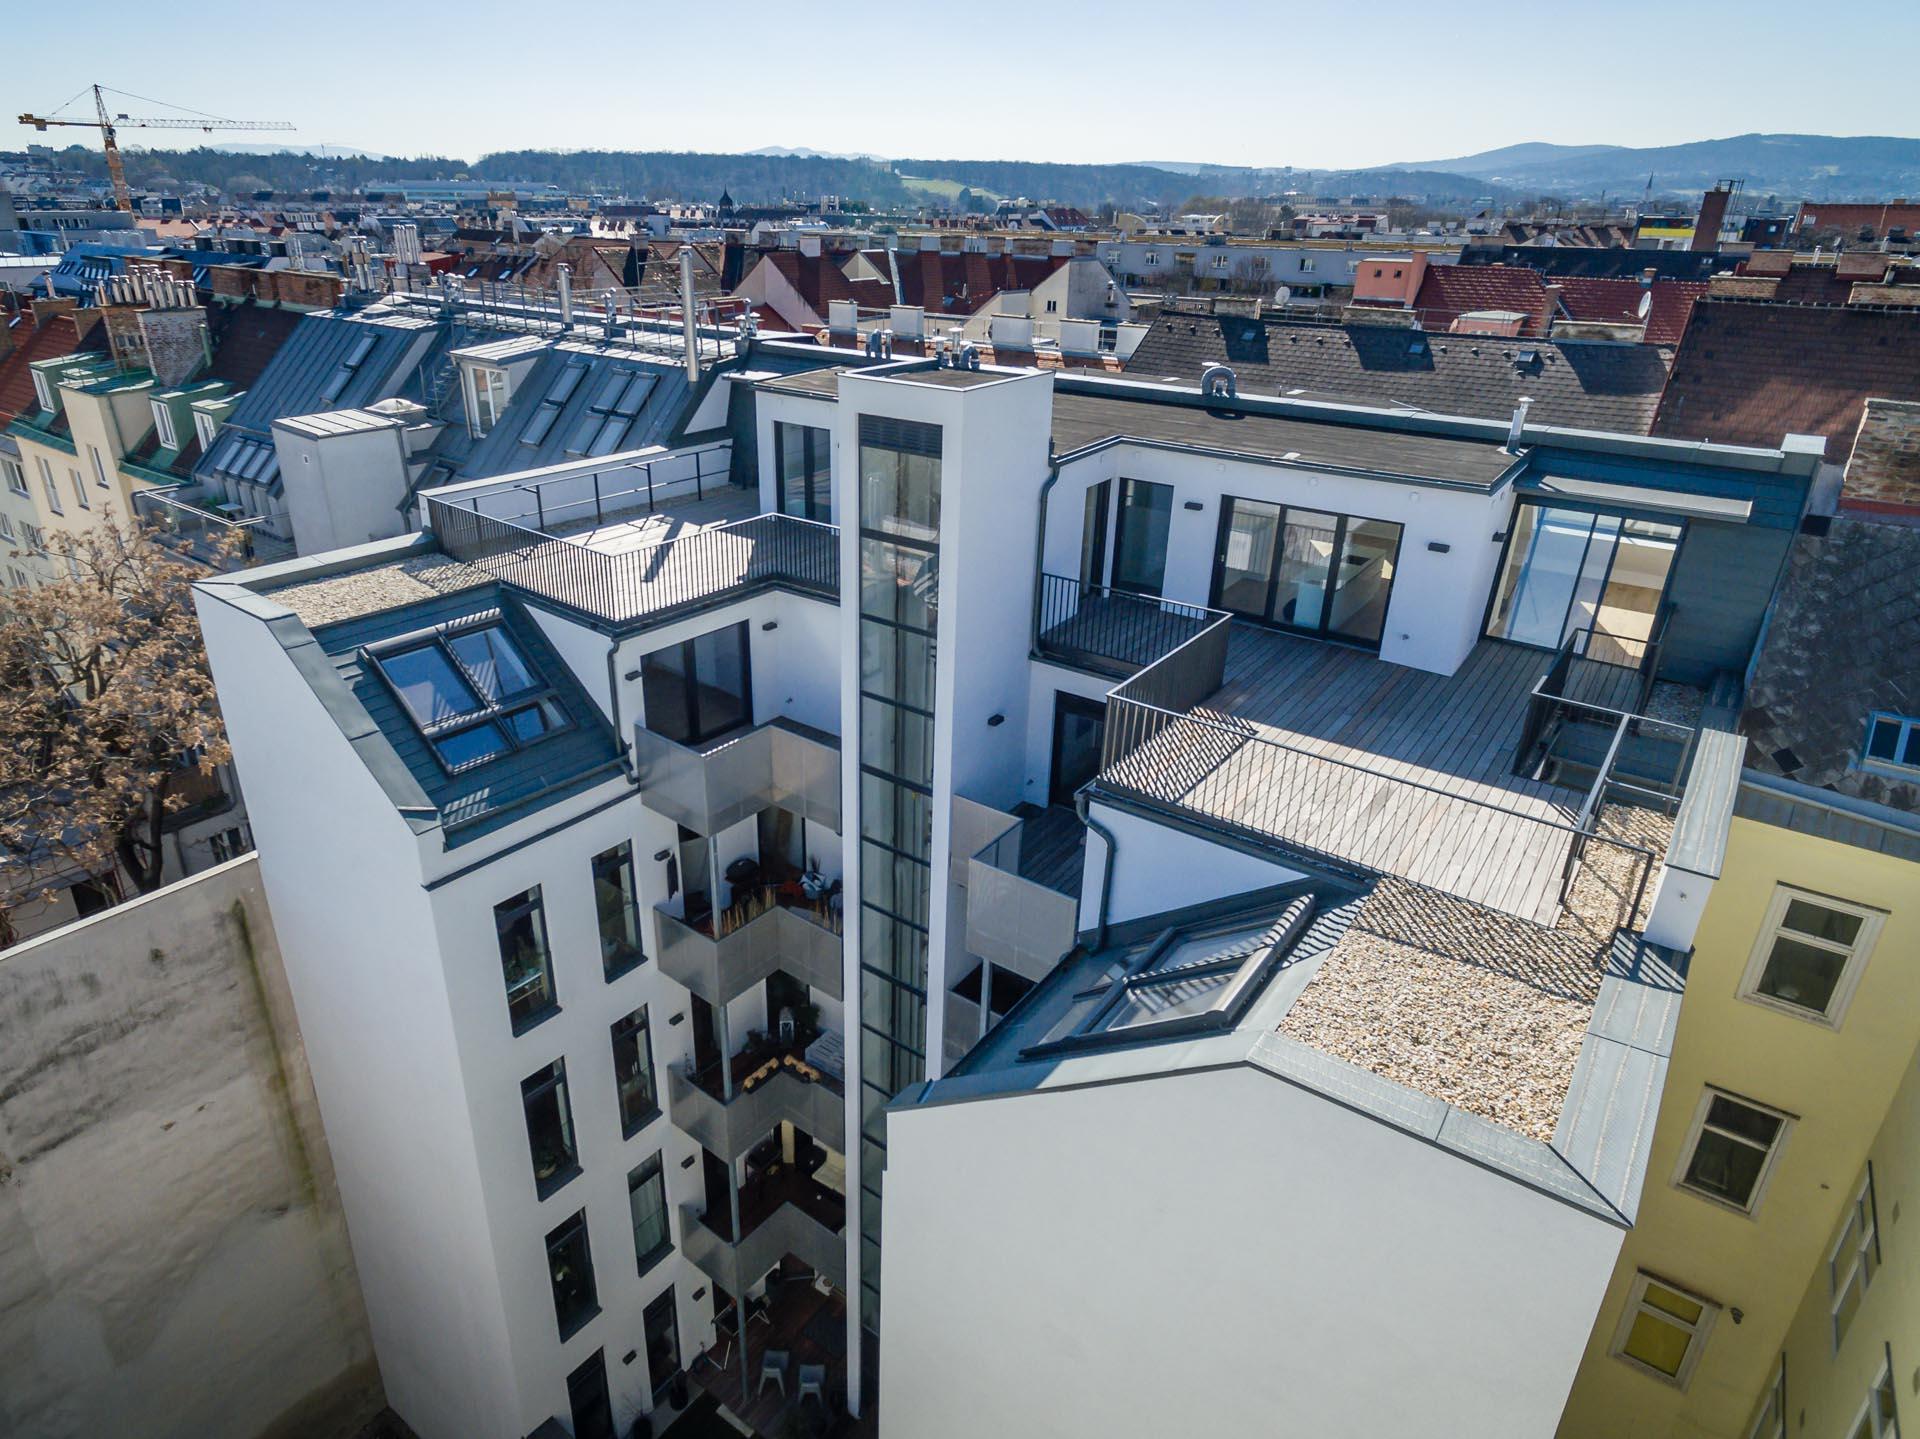 AVEST Immobilie in der Hollergasse 40, 1150 Wien. Innenhof, Aufnahme von oben